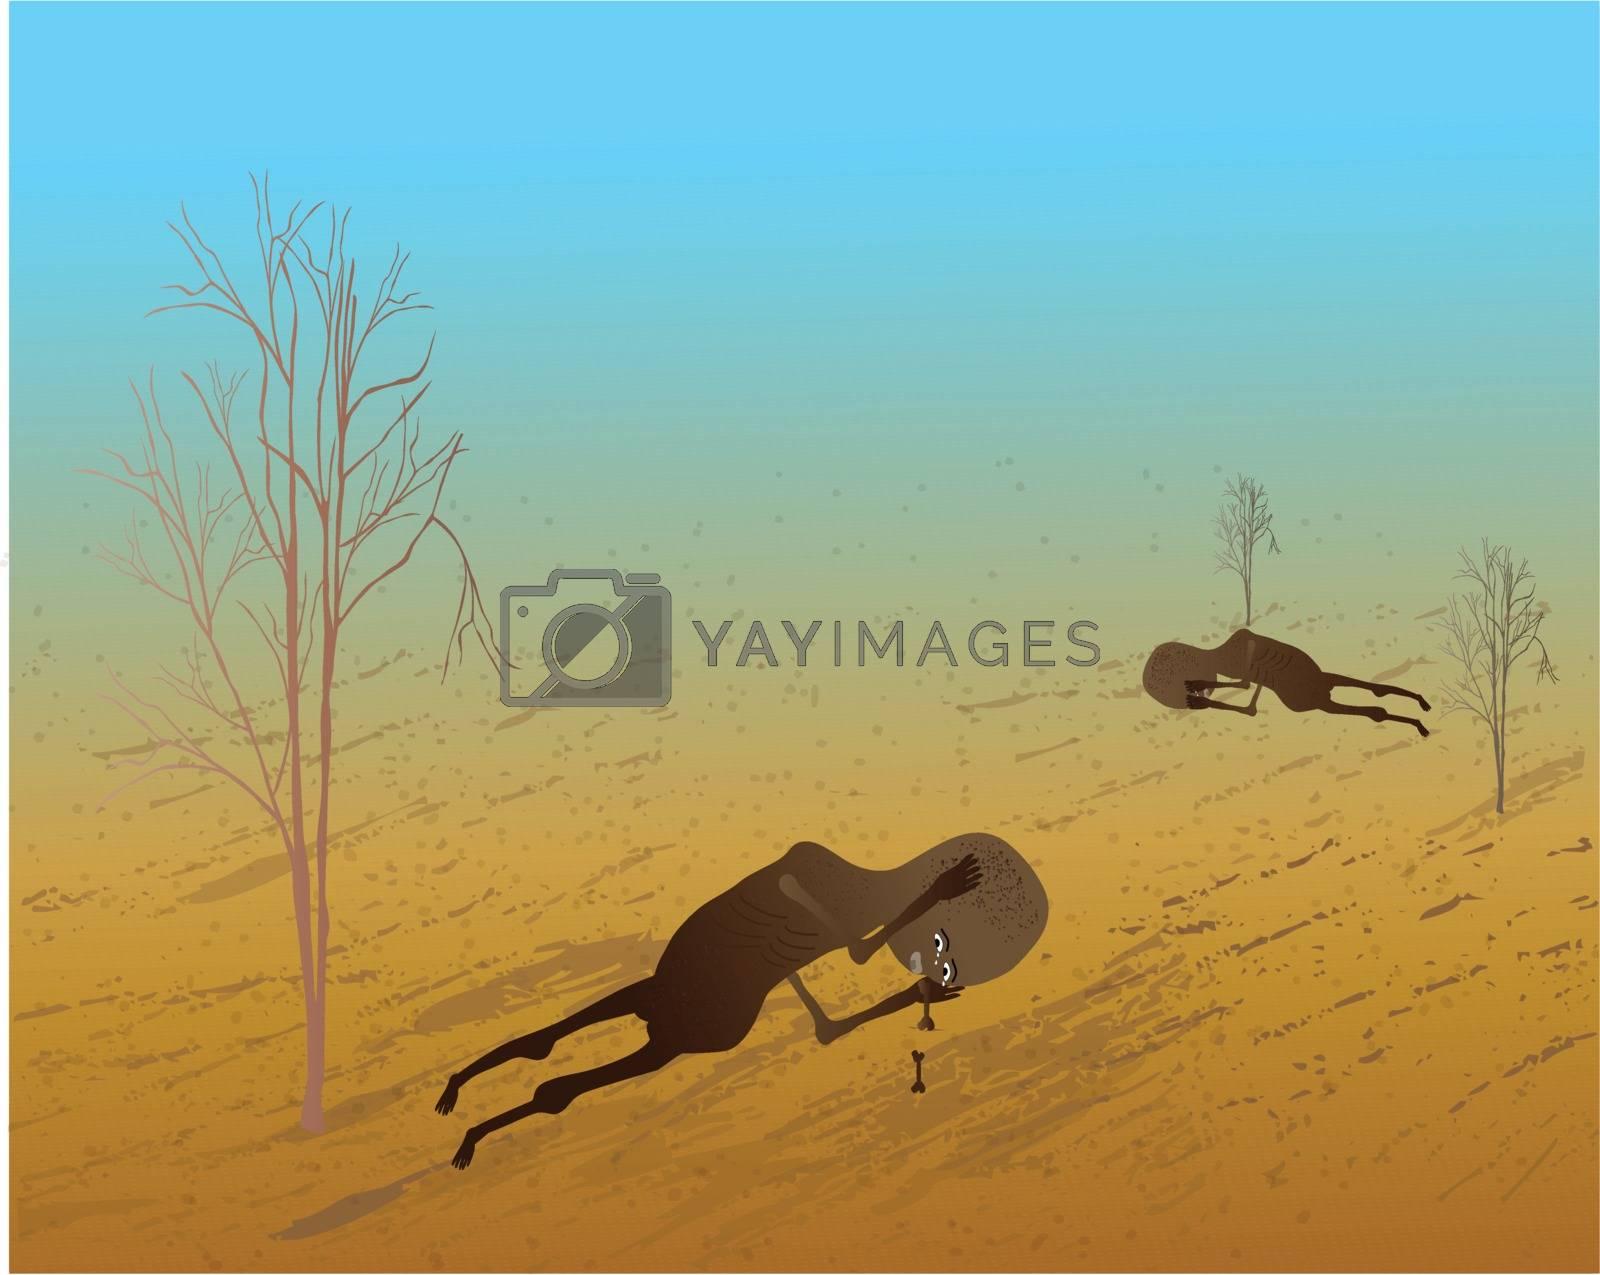 Children need your help. vector illustratio